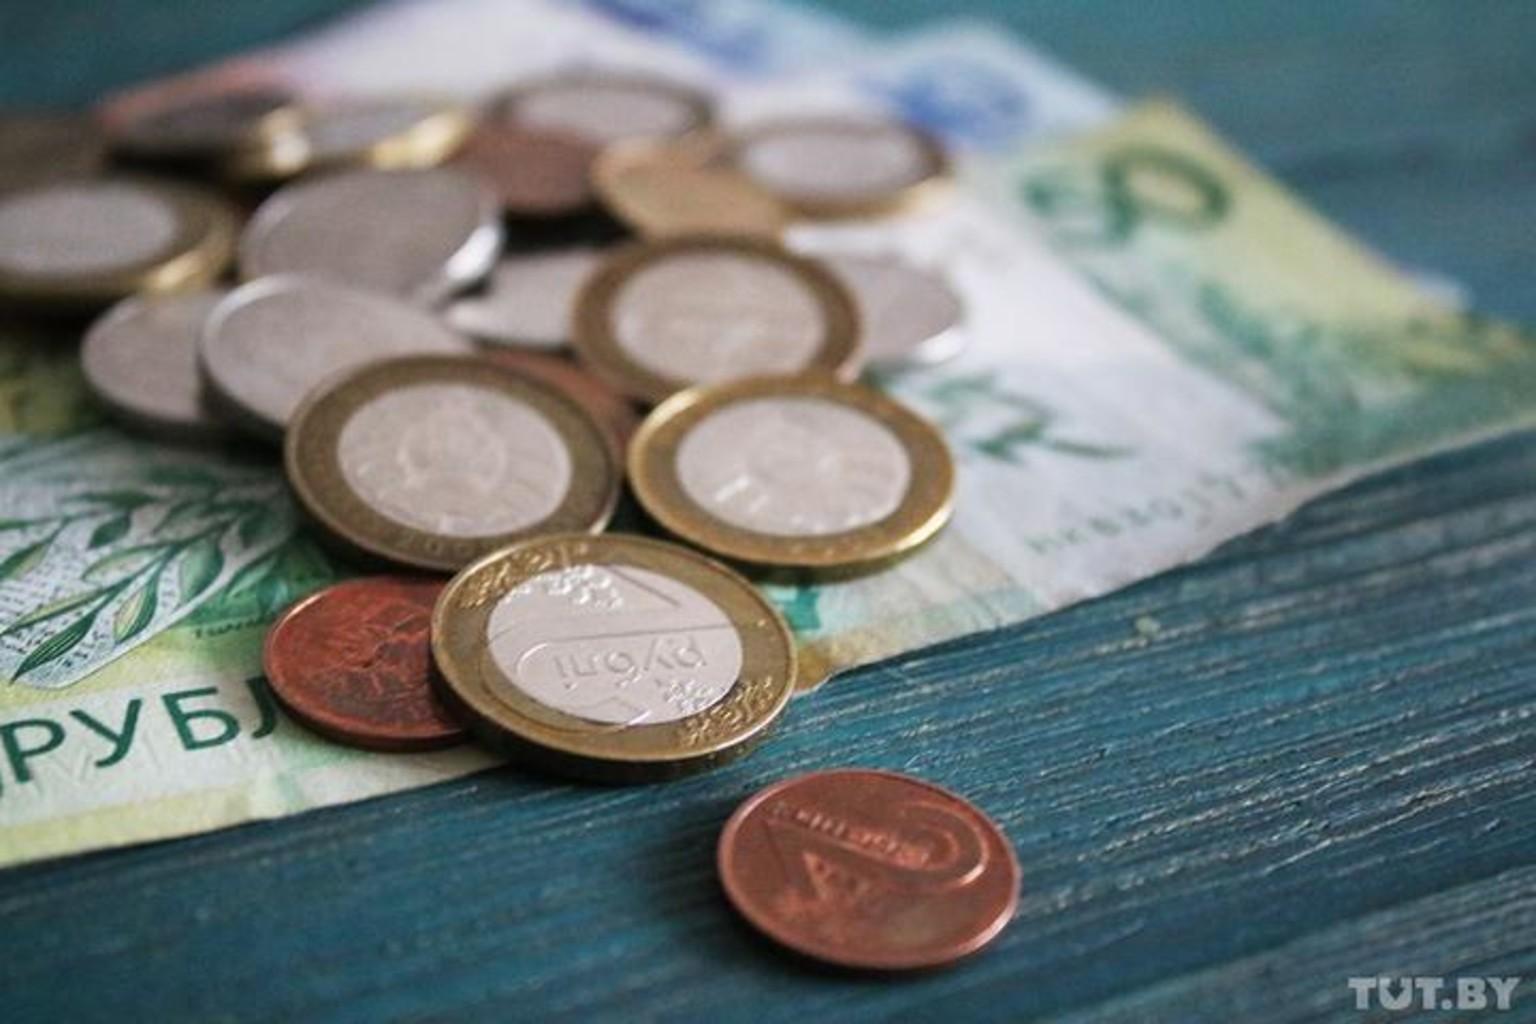 Dengi pensiya zarplata monety valyuta 1